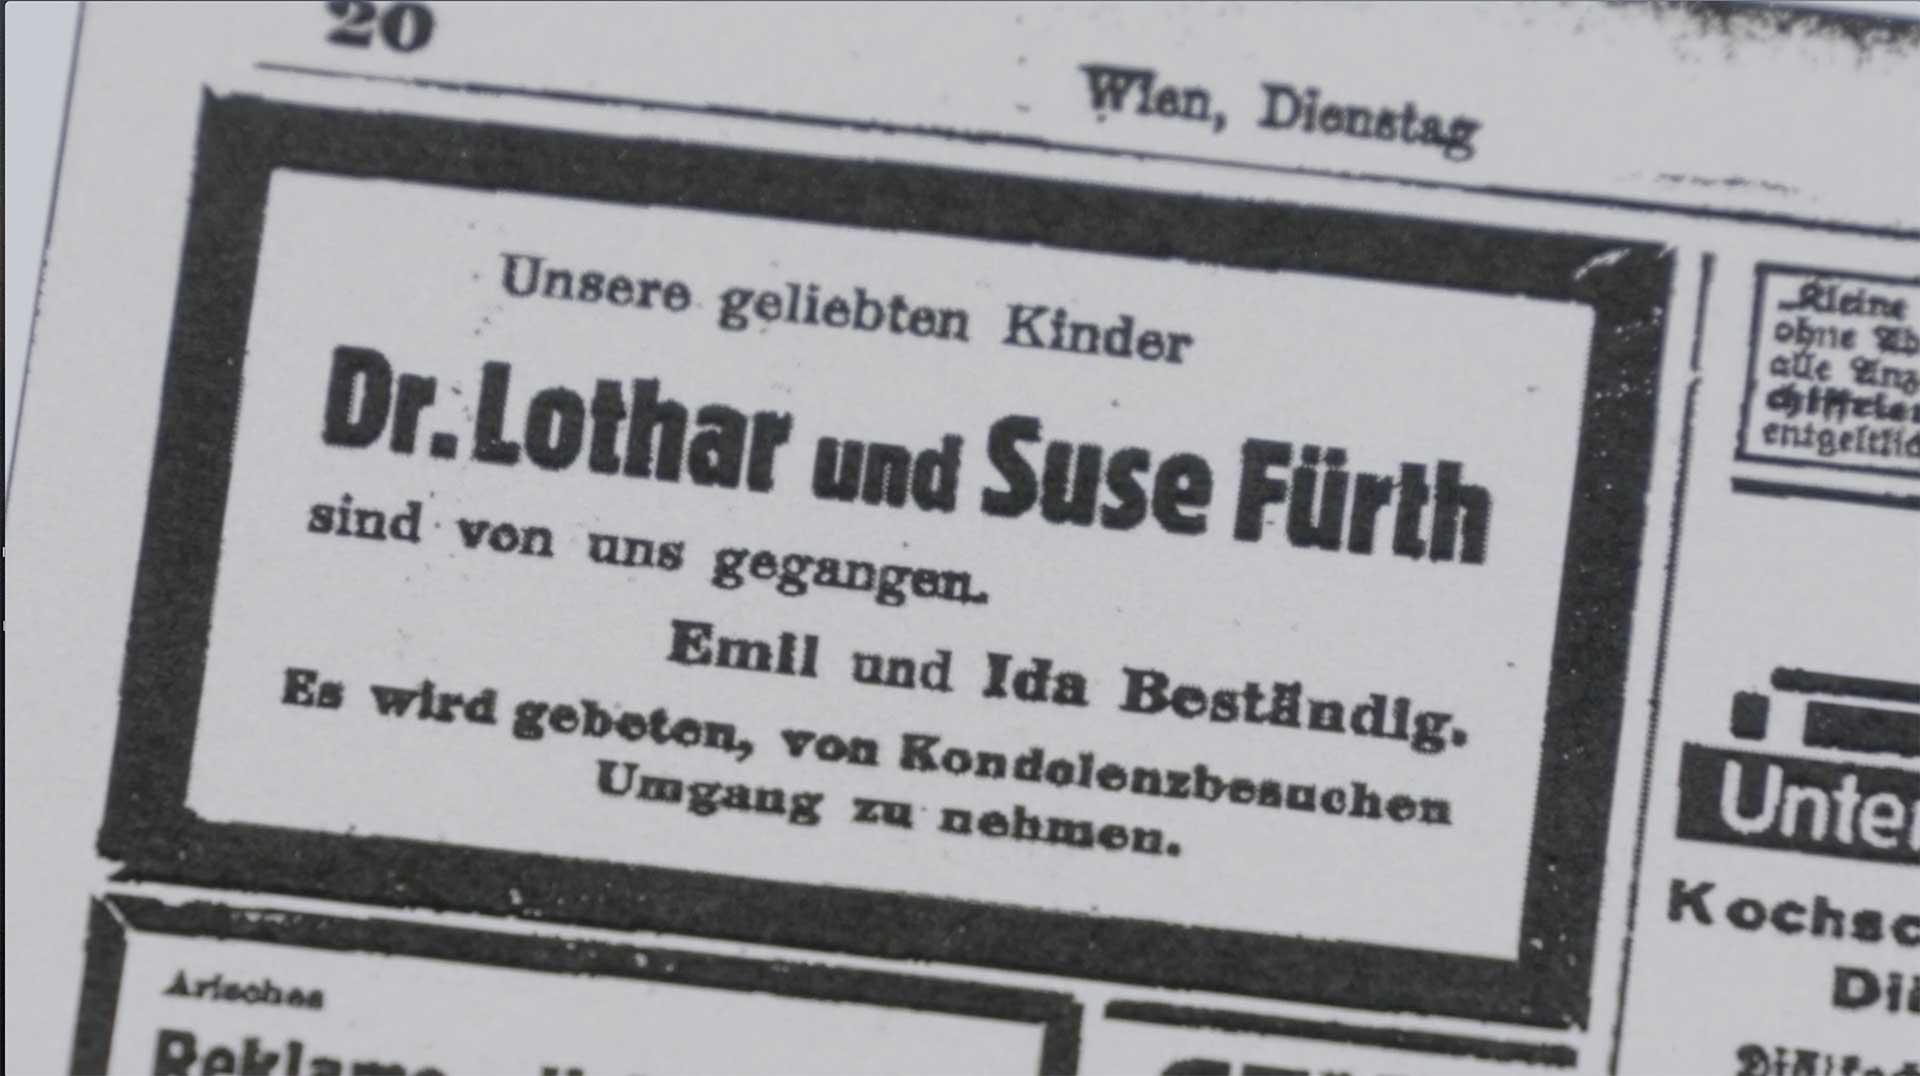 Fürth (fuerth_todesanzeige.jpg)